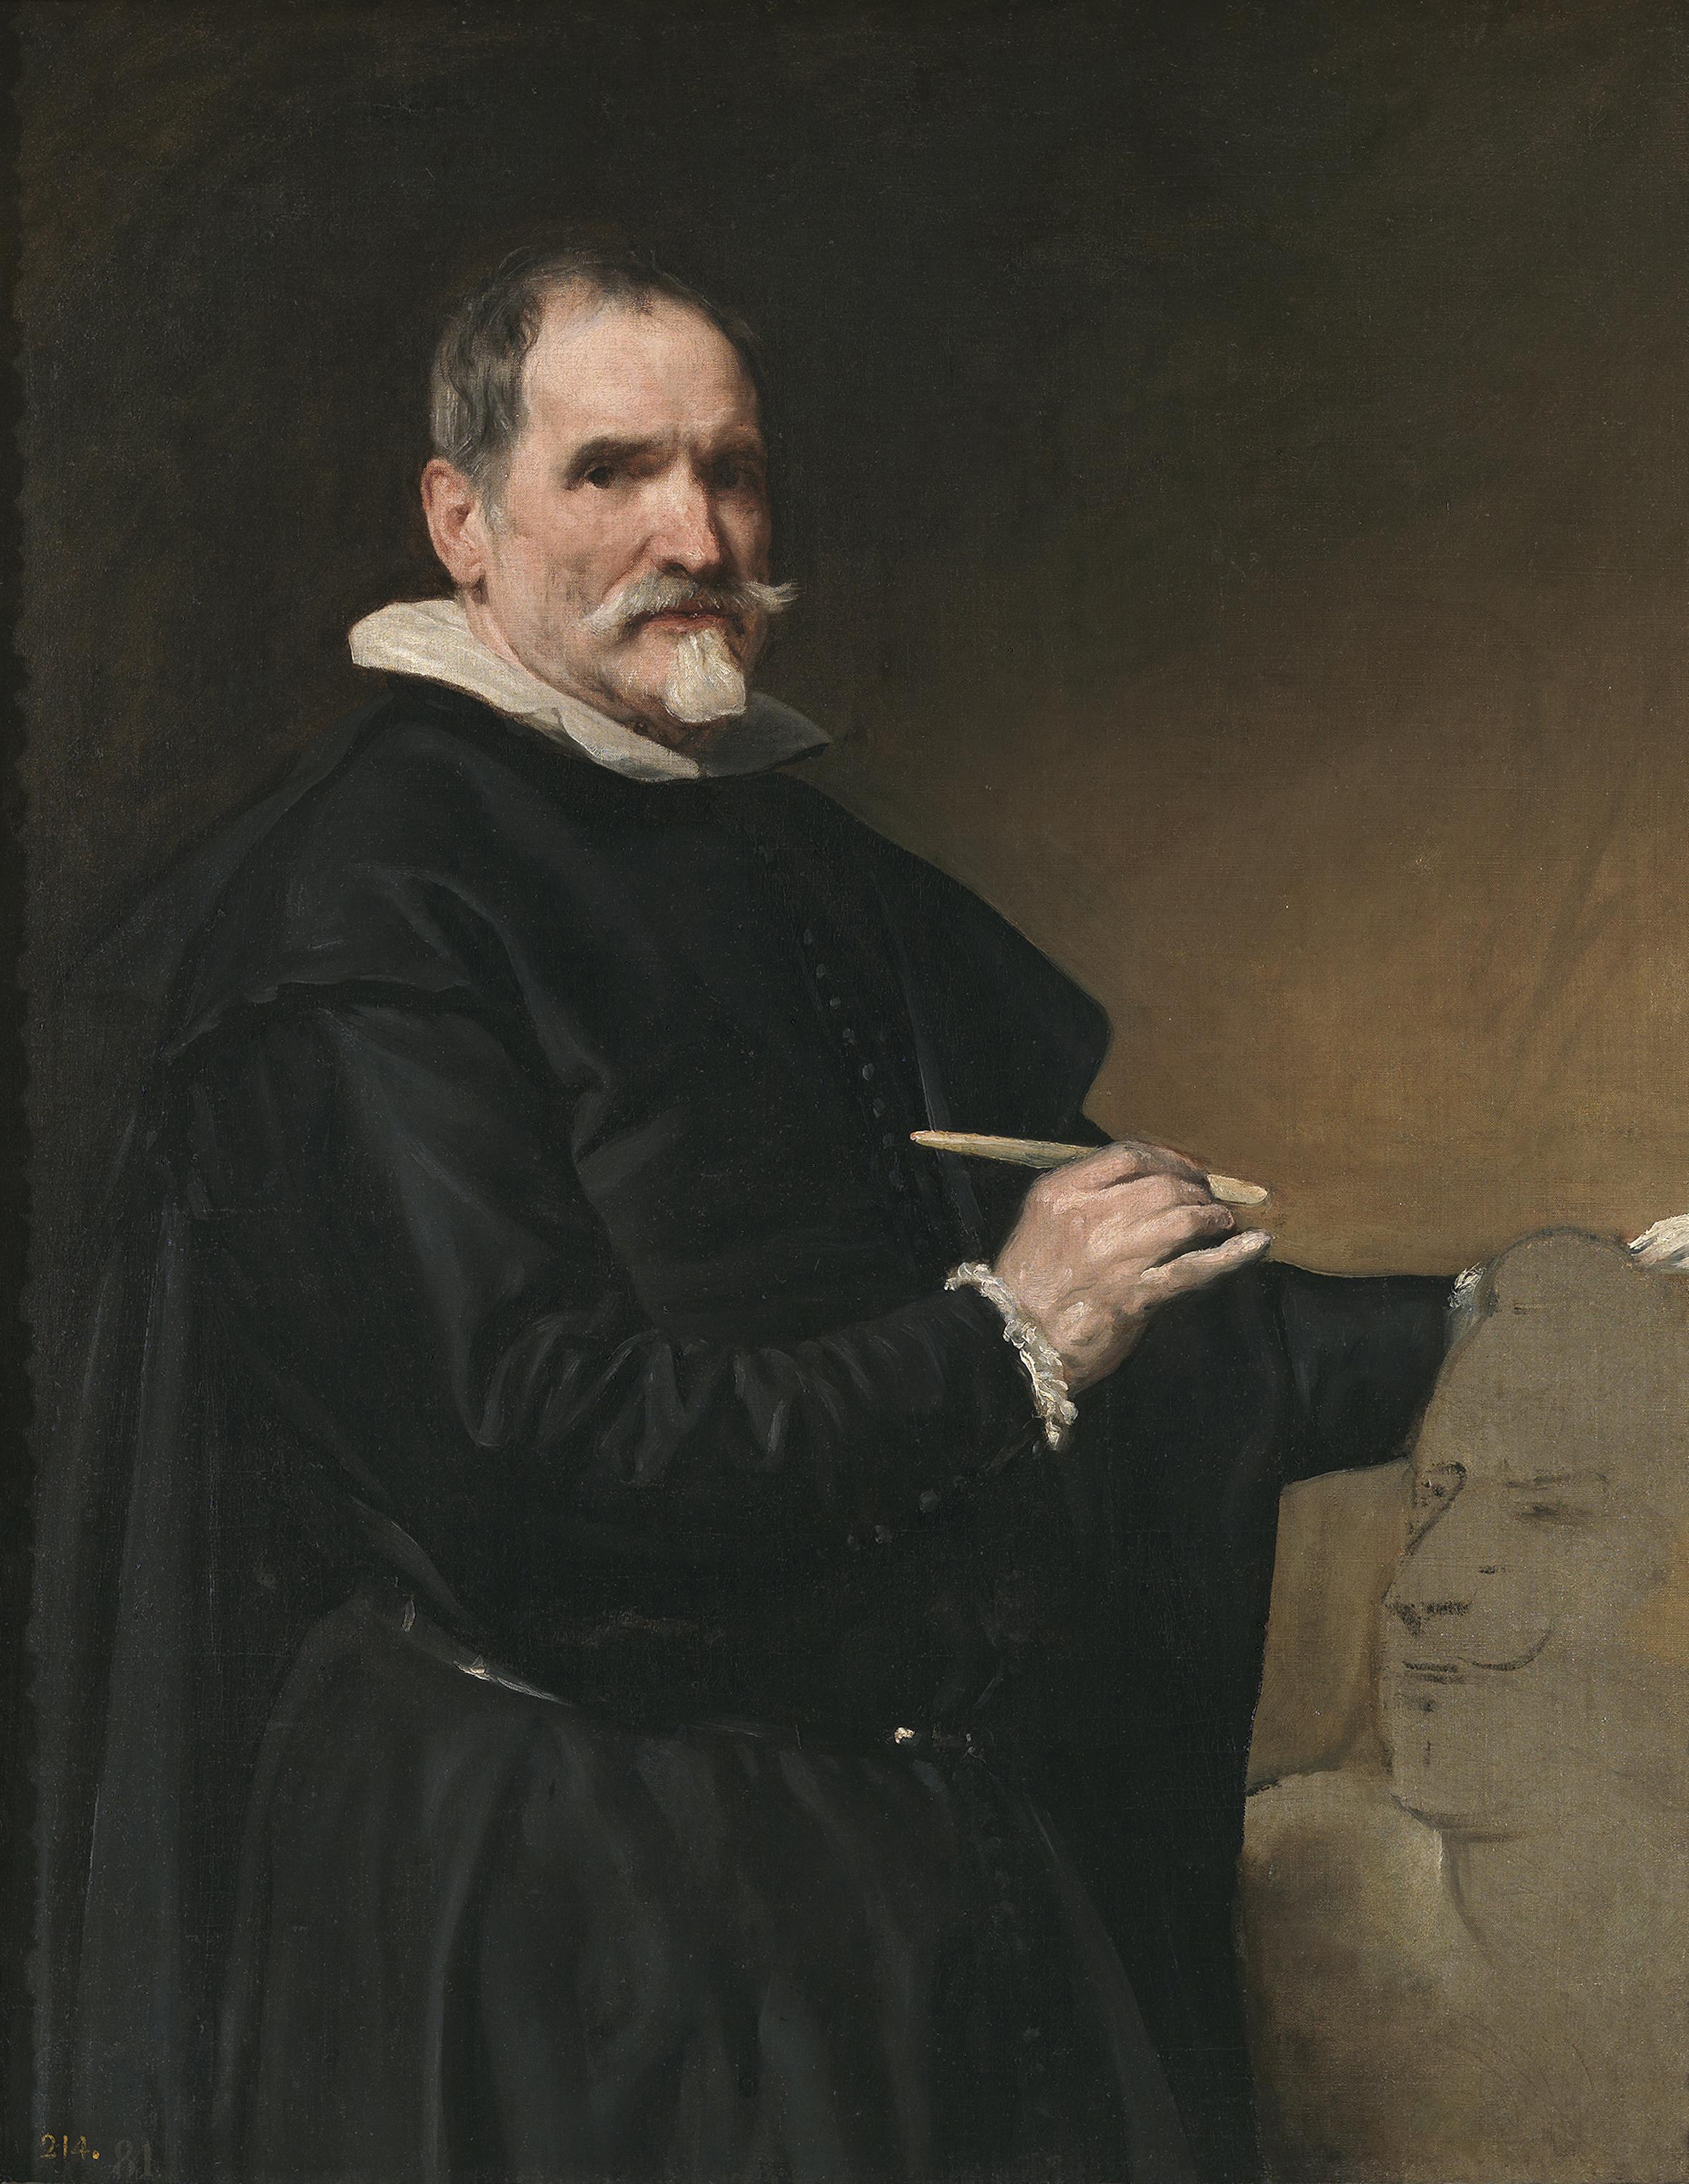 Portrait de Juan Martínez Montañés